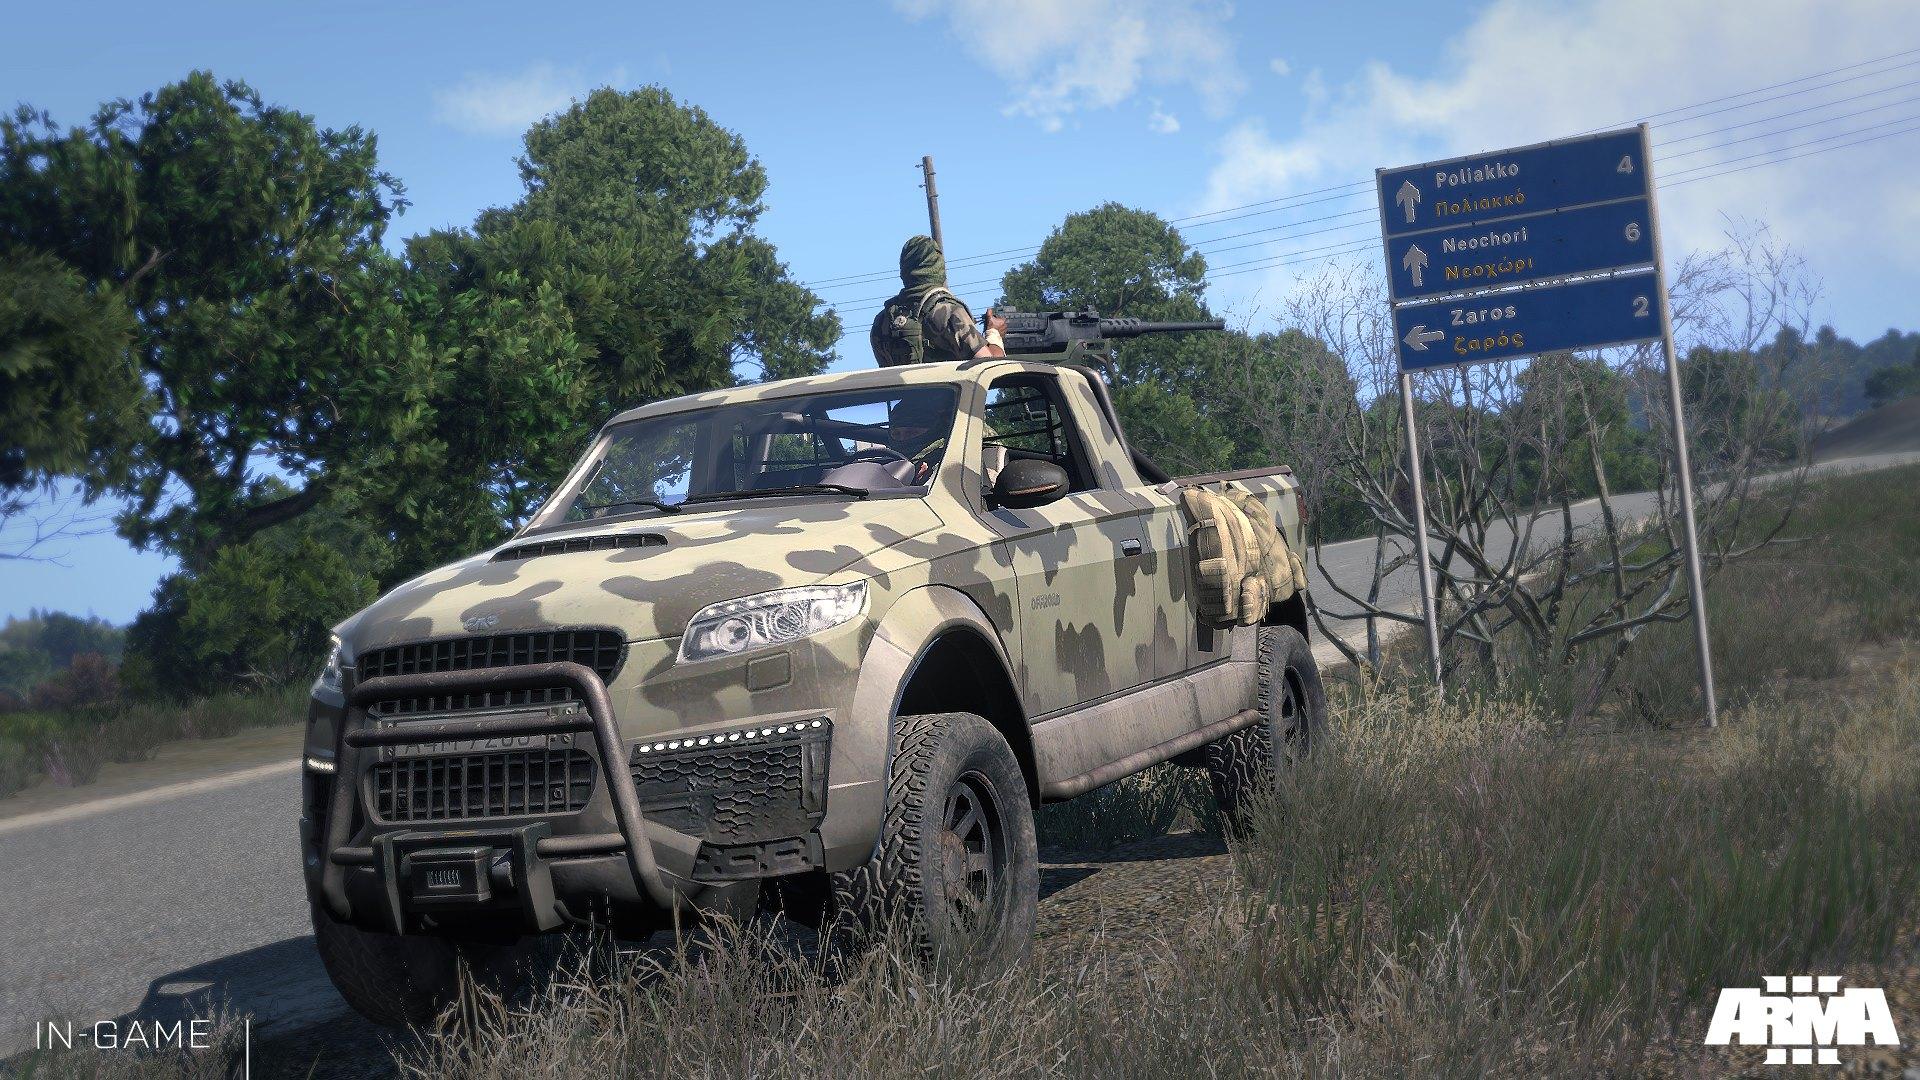 Nové screenshoty připomínají zítřejší vydání druhé části kampaně Army 3 91957